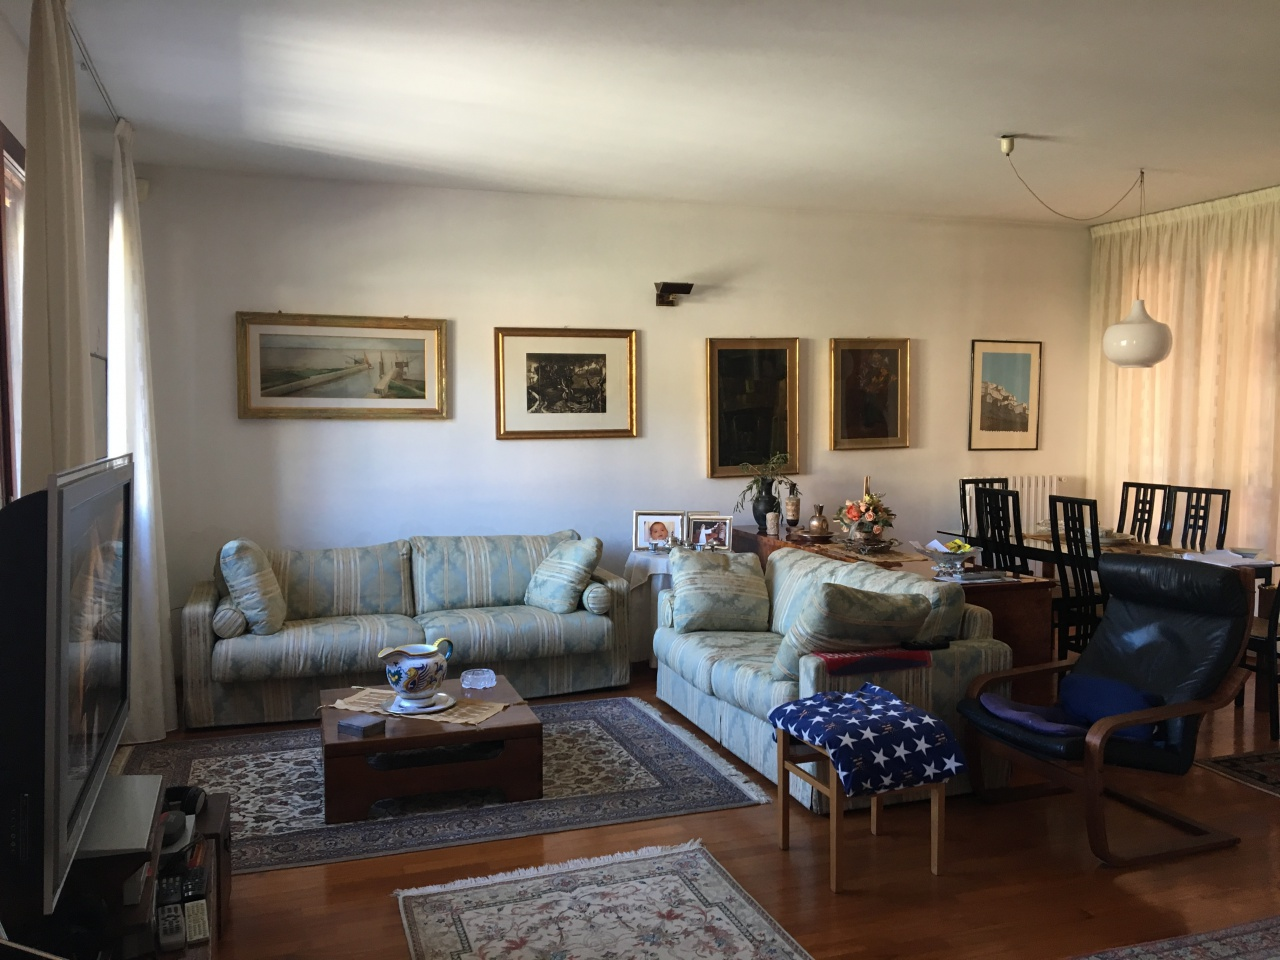 Appartamento ZOLA PREDOSA VND VLL 77